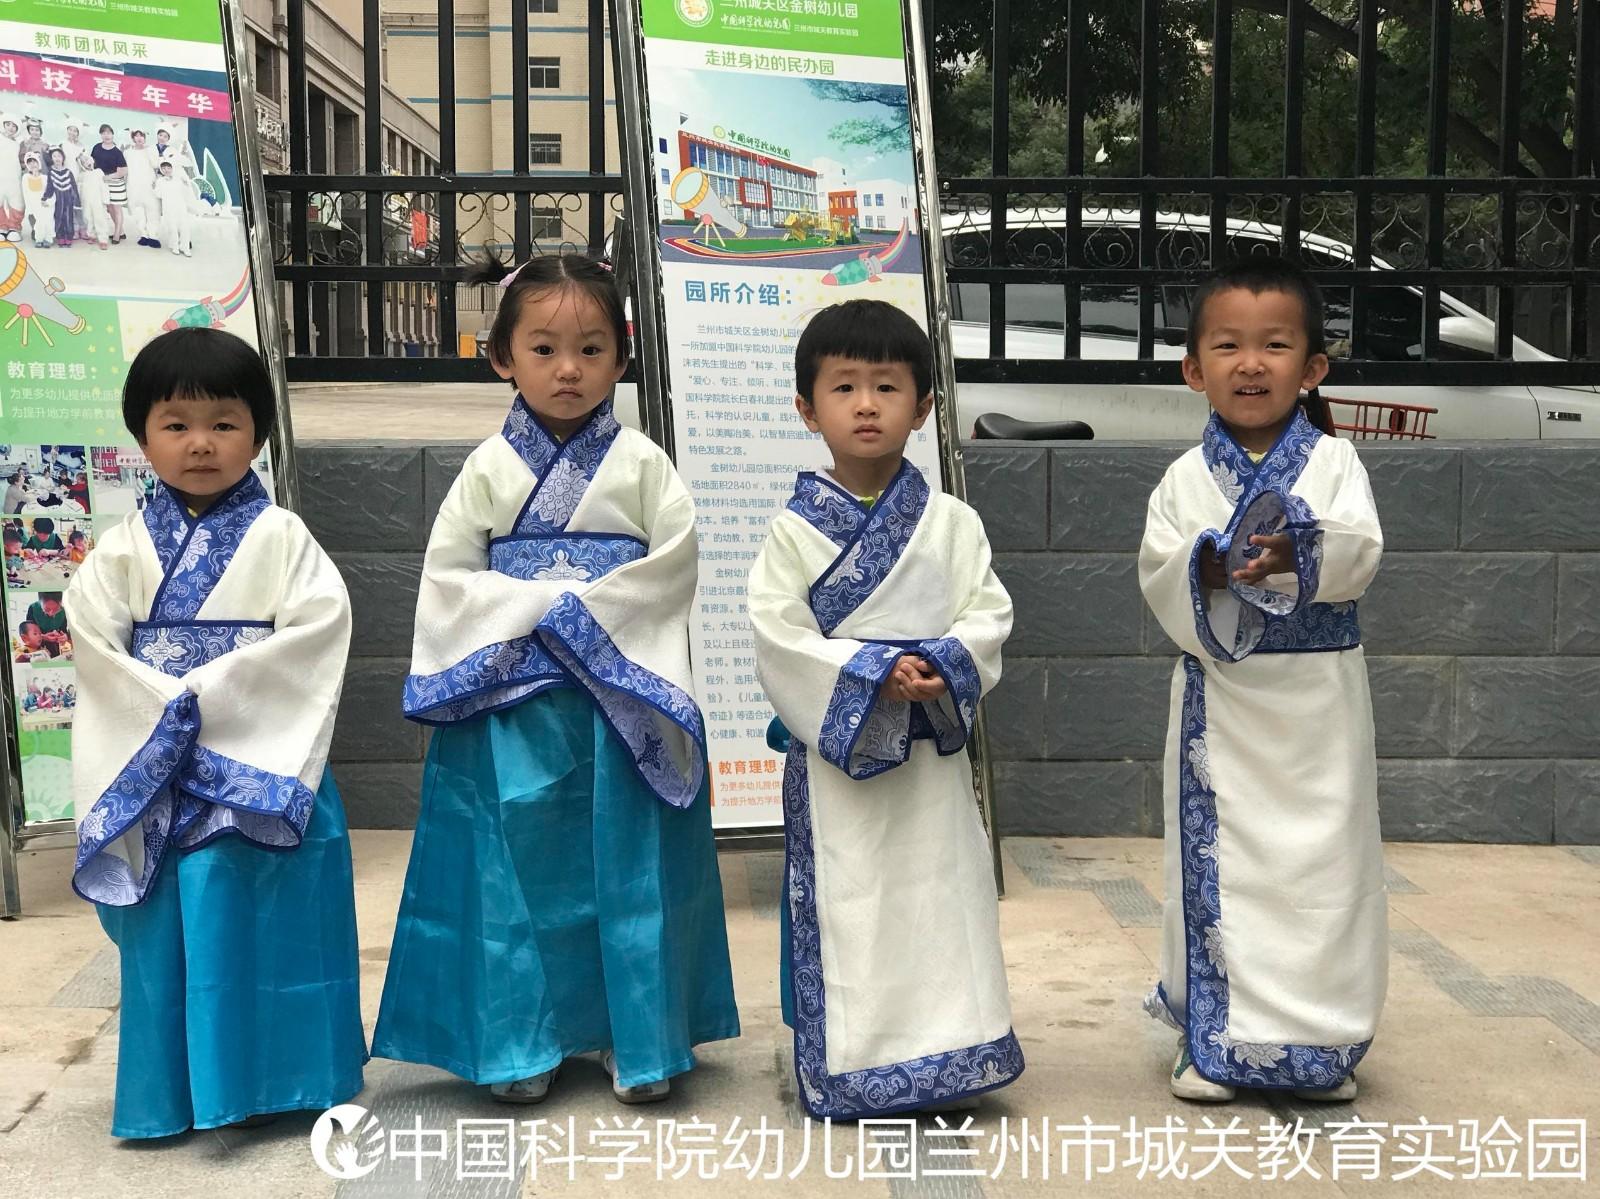 国学教育|创意美术-中国科学院幼儿园